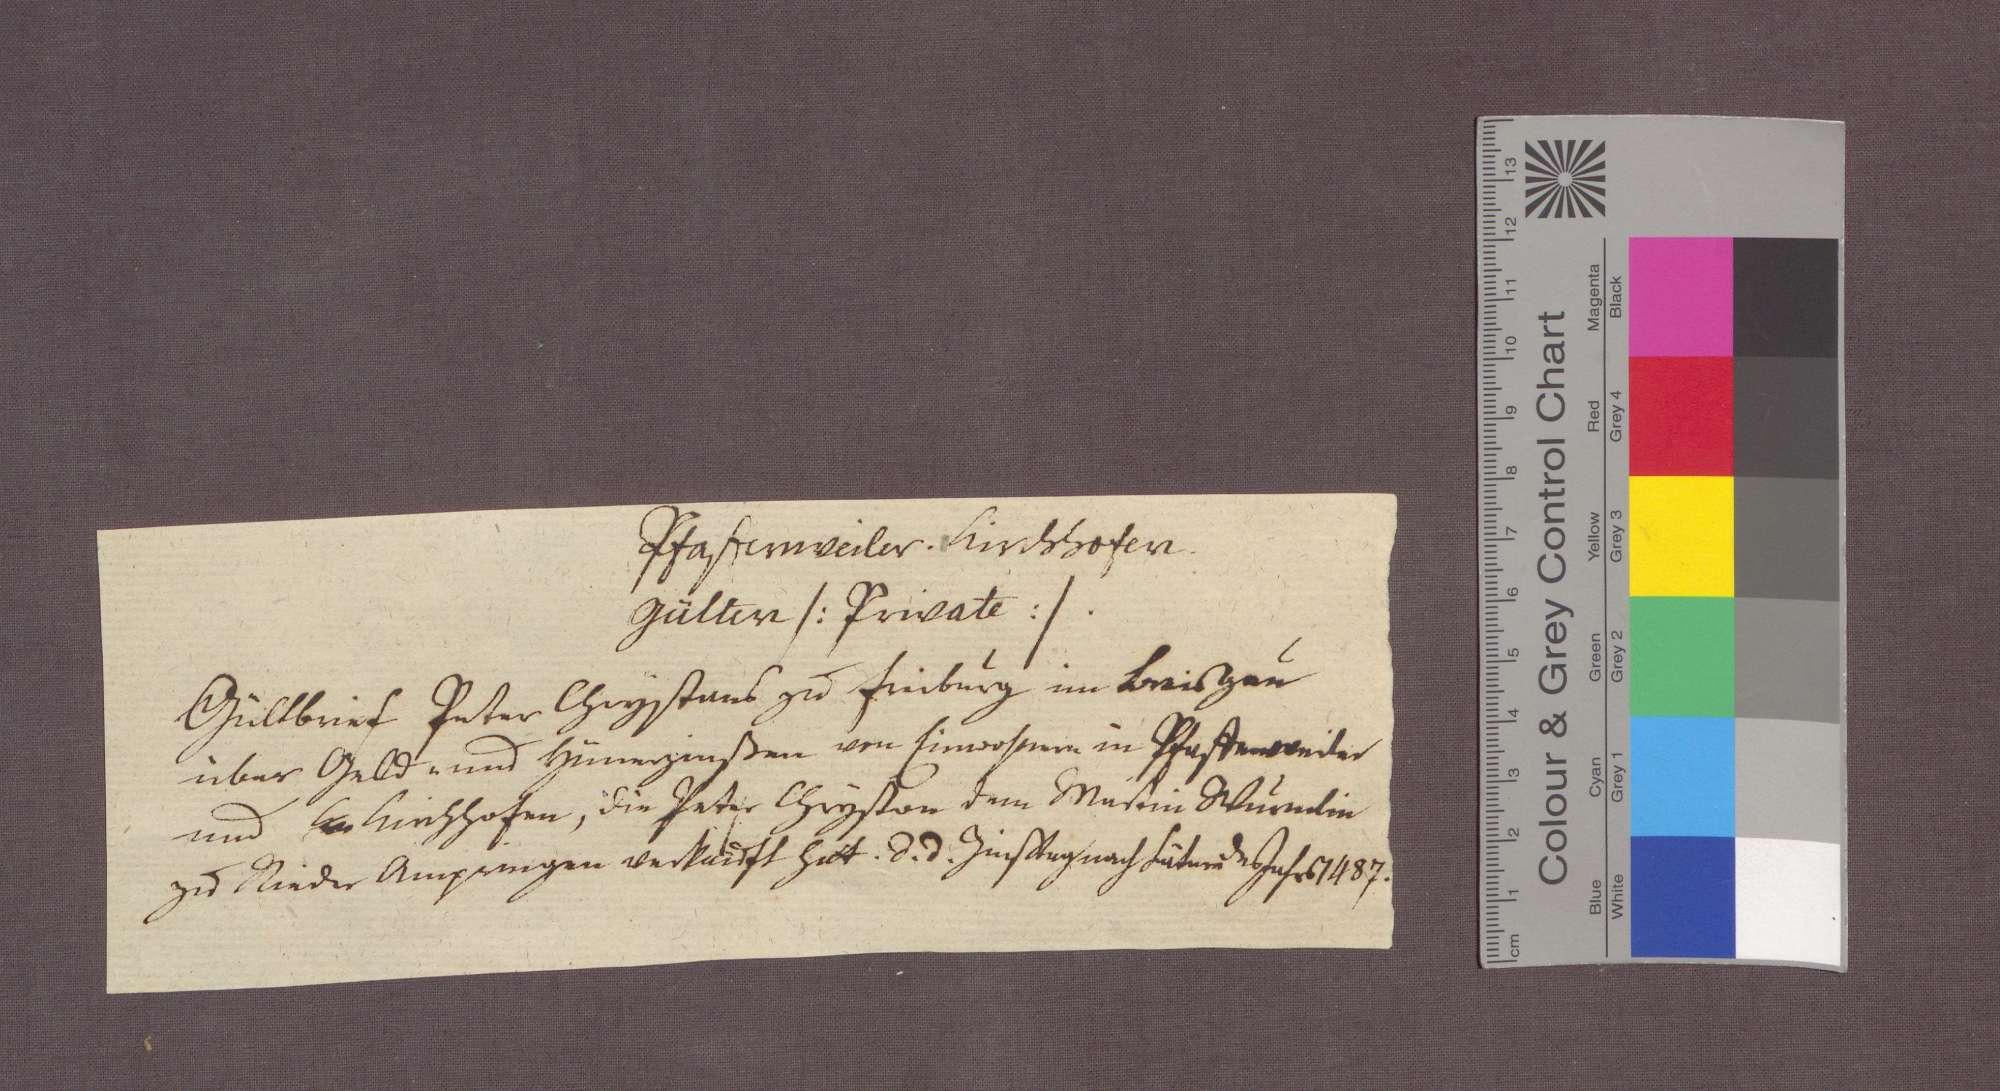 Peter Crystan zu Freiburg verkauft an Martin Würmlin zu Niederambringen Gülten zu Pfaffenweiler und Kirchhofen., Bild 3